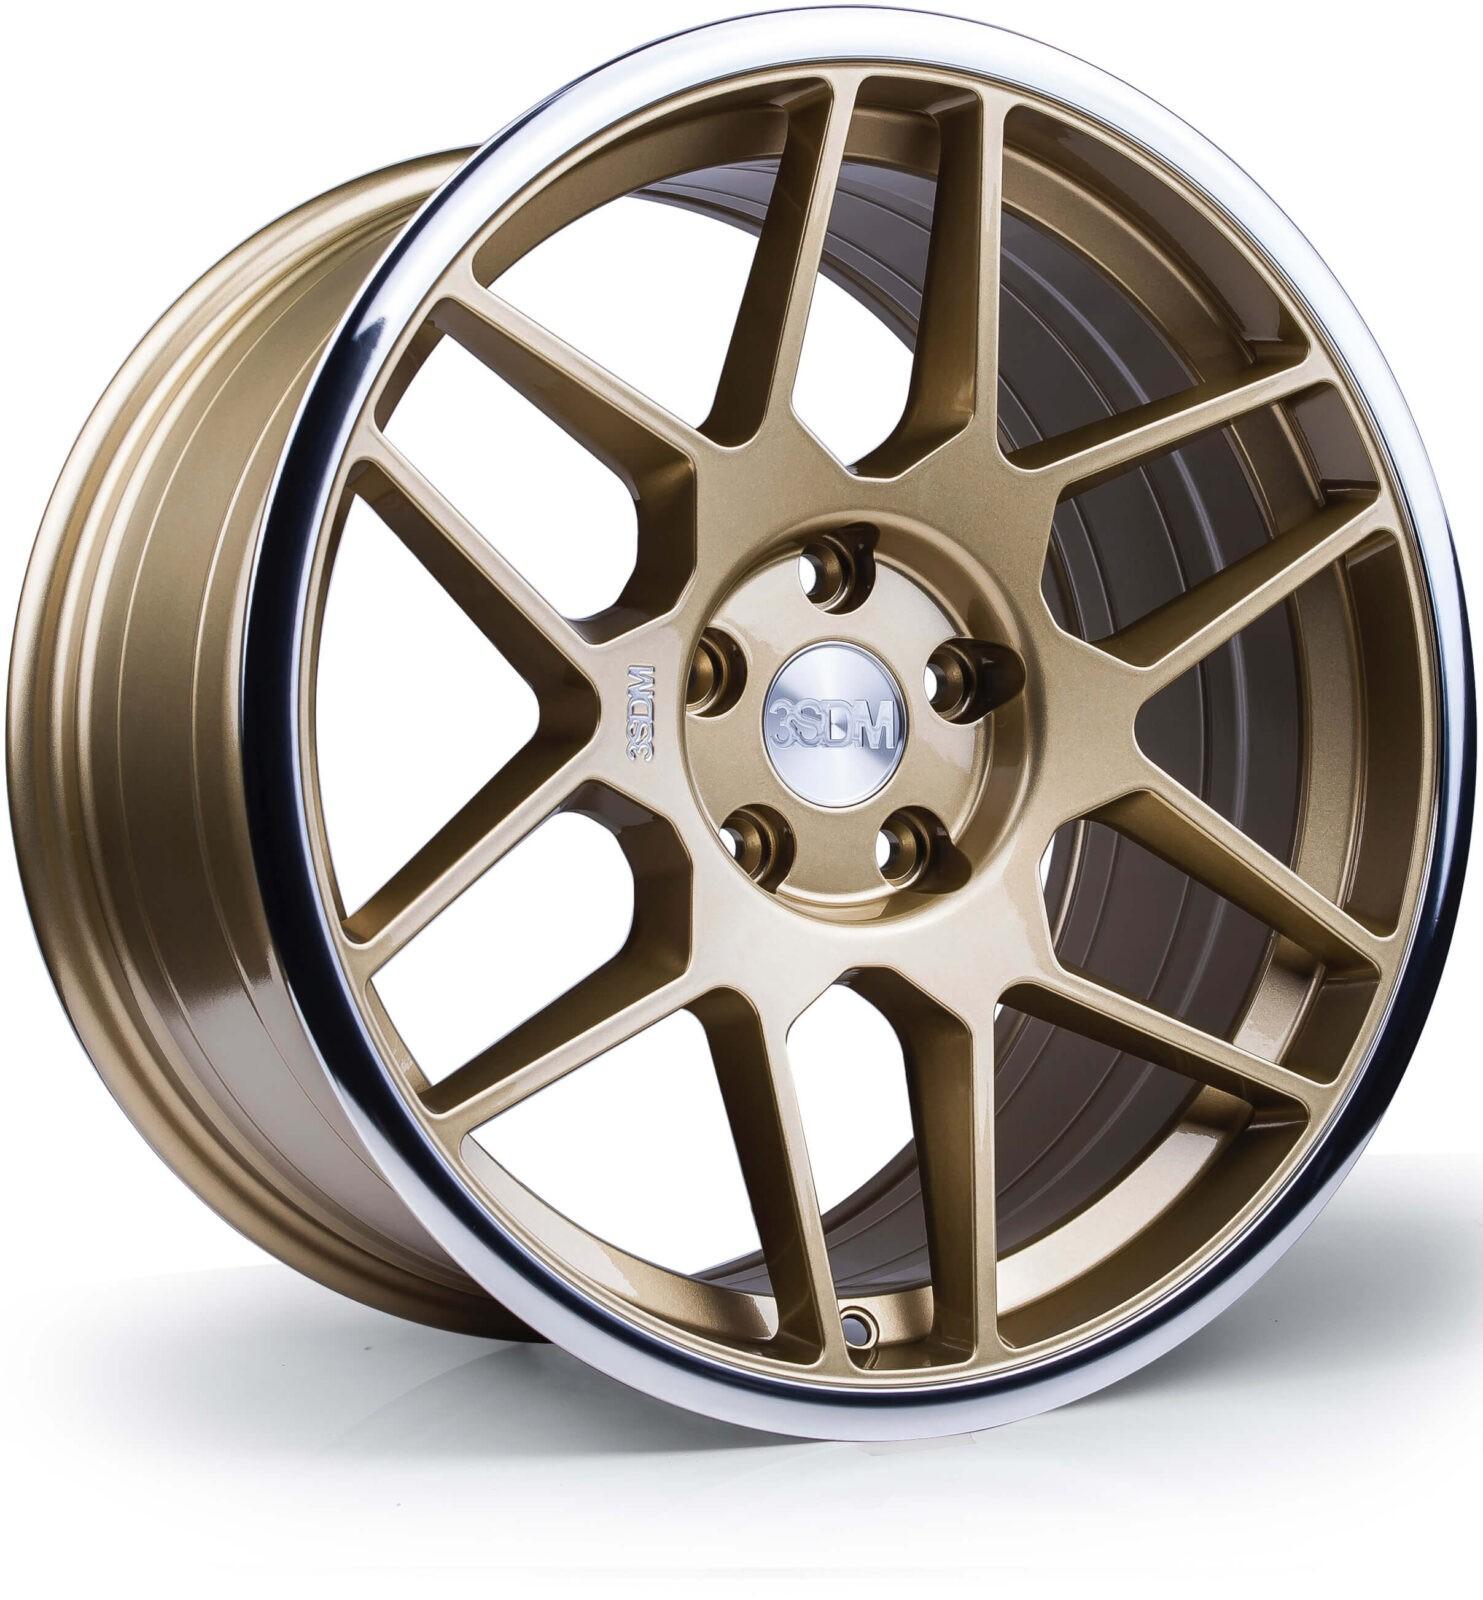 3SDM 0.09 hliníkové disky 8,5x18 5x112 ET42 Gold / mirror polished lip